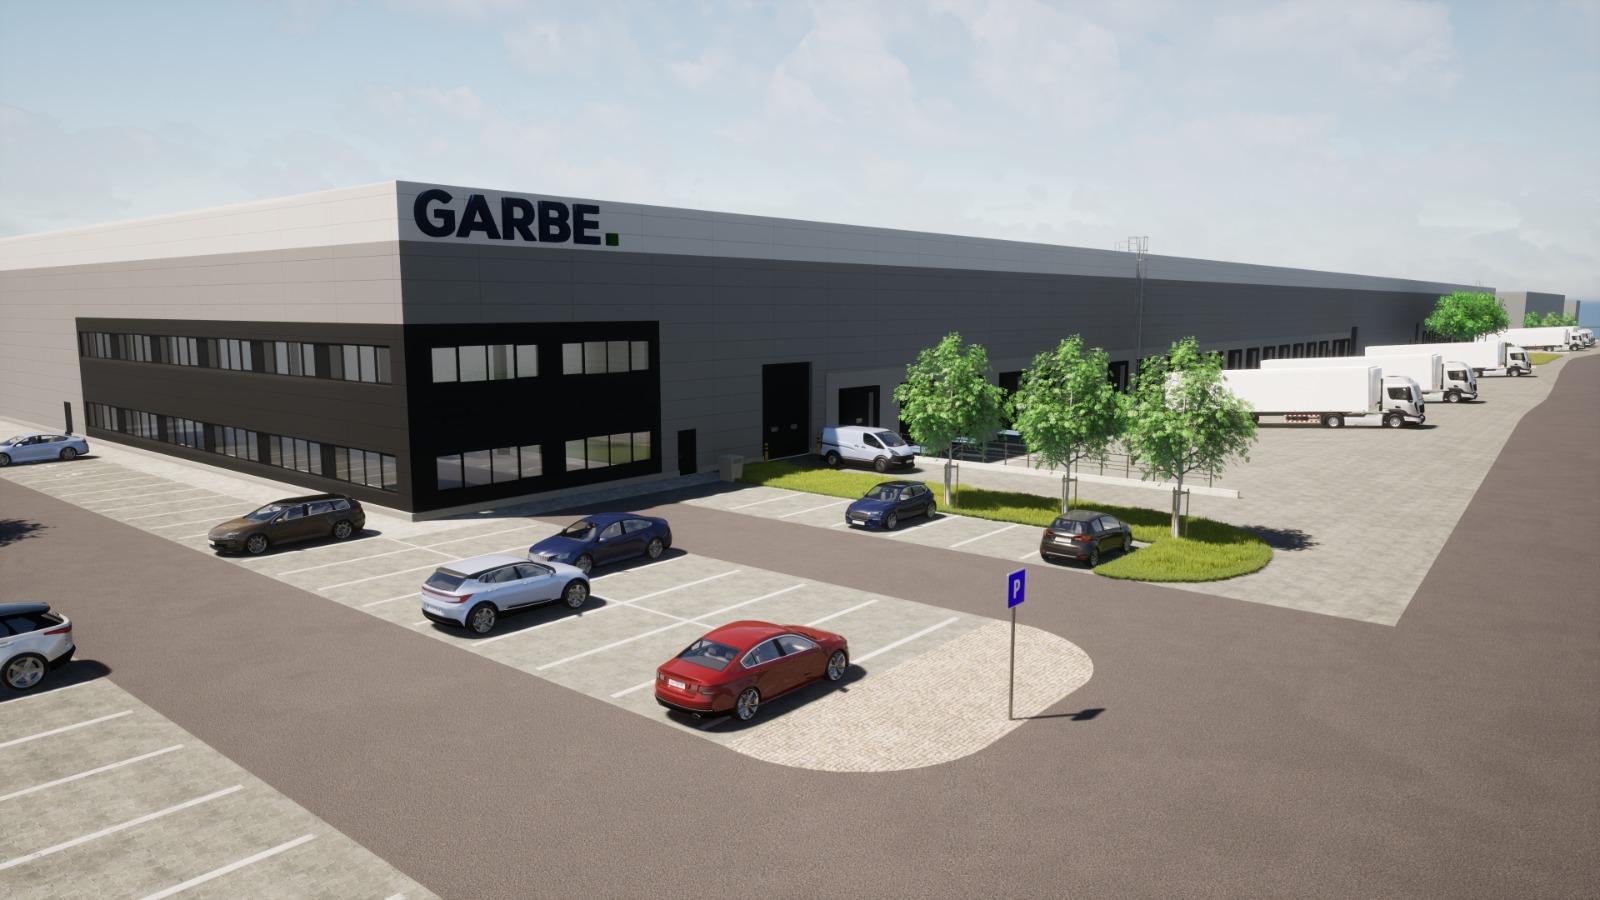 Garbe se na českém trhu uvedlo koupí brownfieldu o rozloze 65 000 m2 v Chomutově